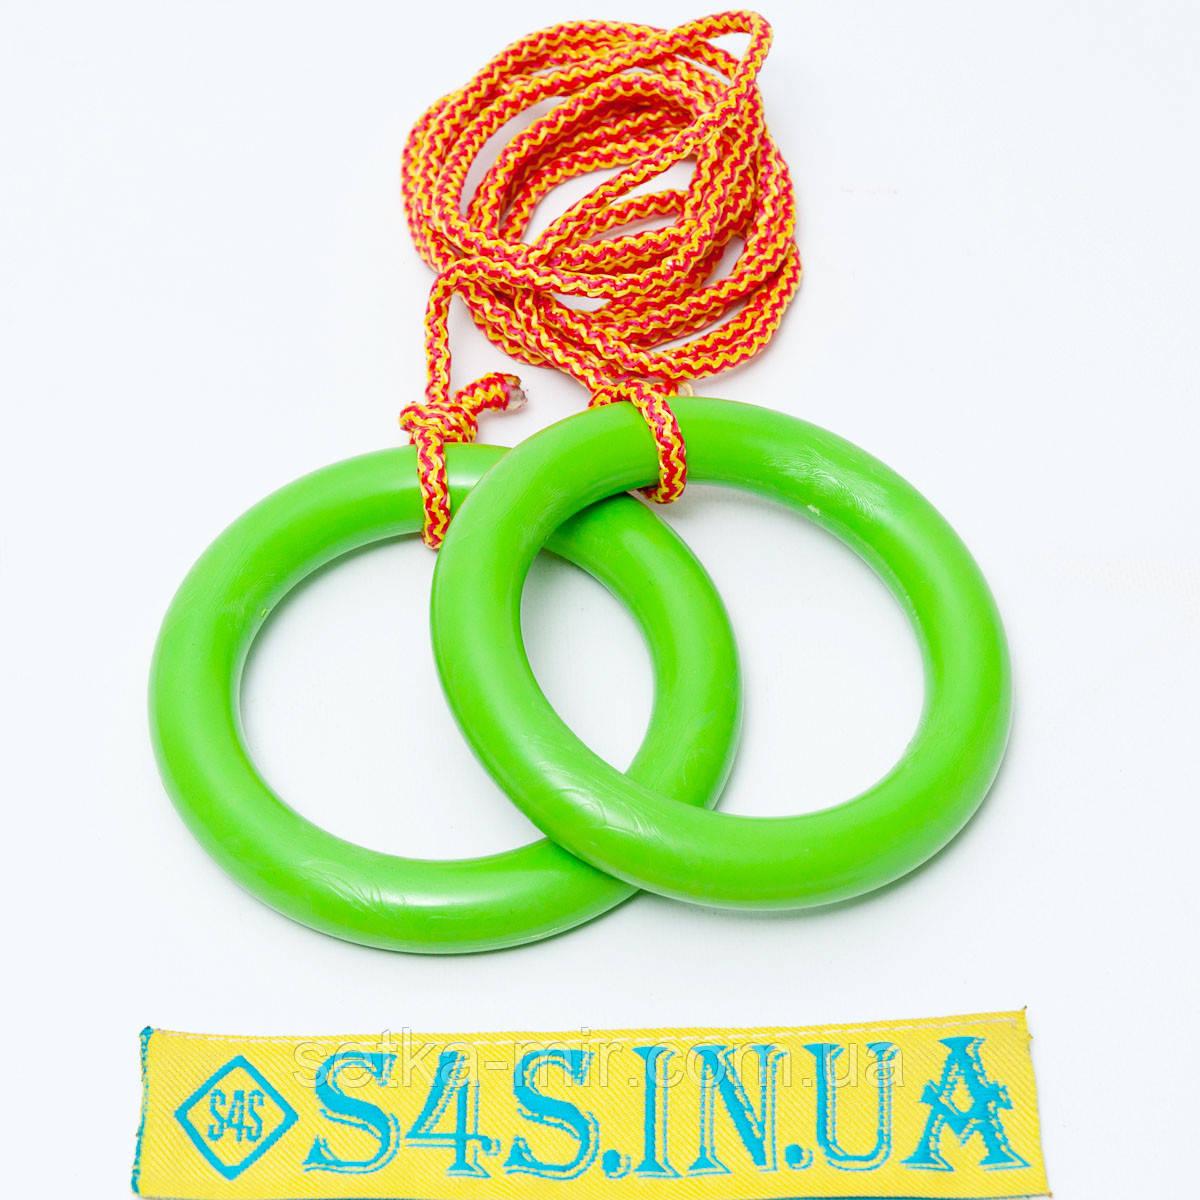 Кольца гимнастические детские подвесные кольца для шведской стенки ПЛАСТИКОВЫЕ салатовые